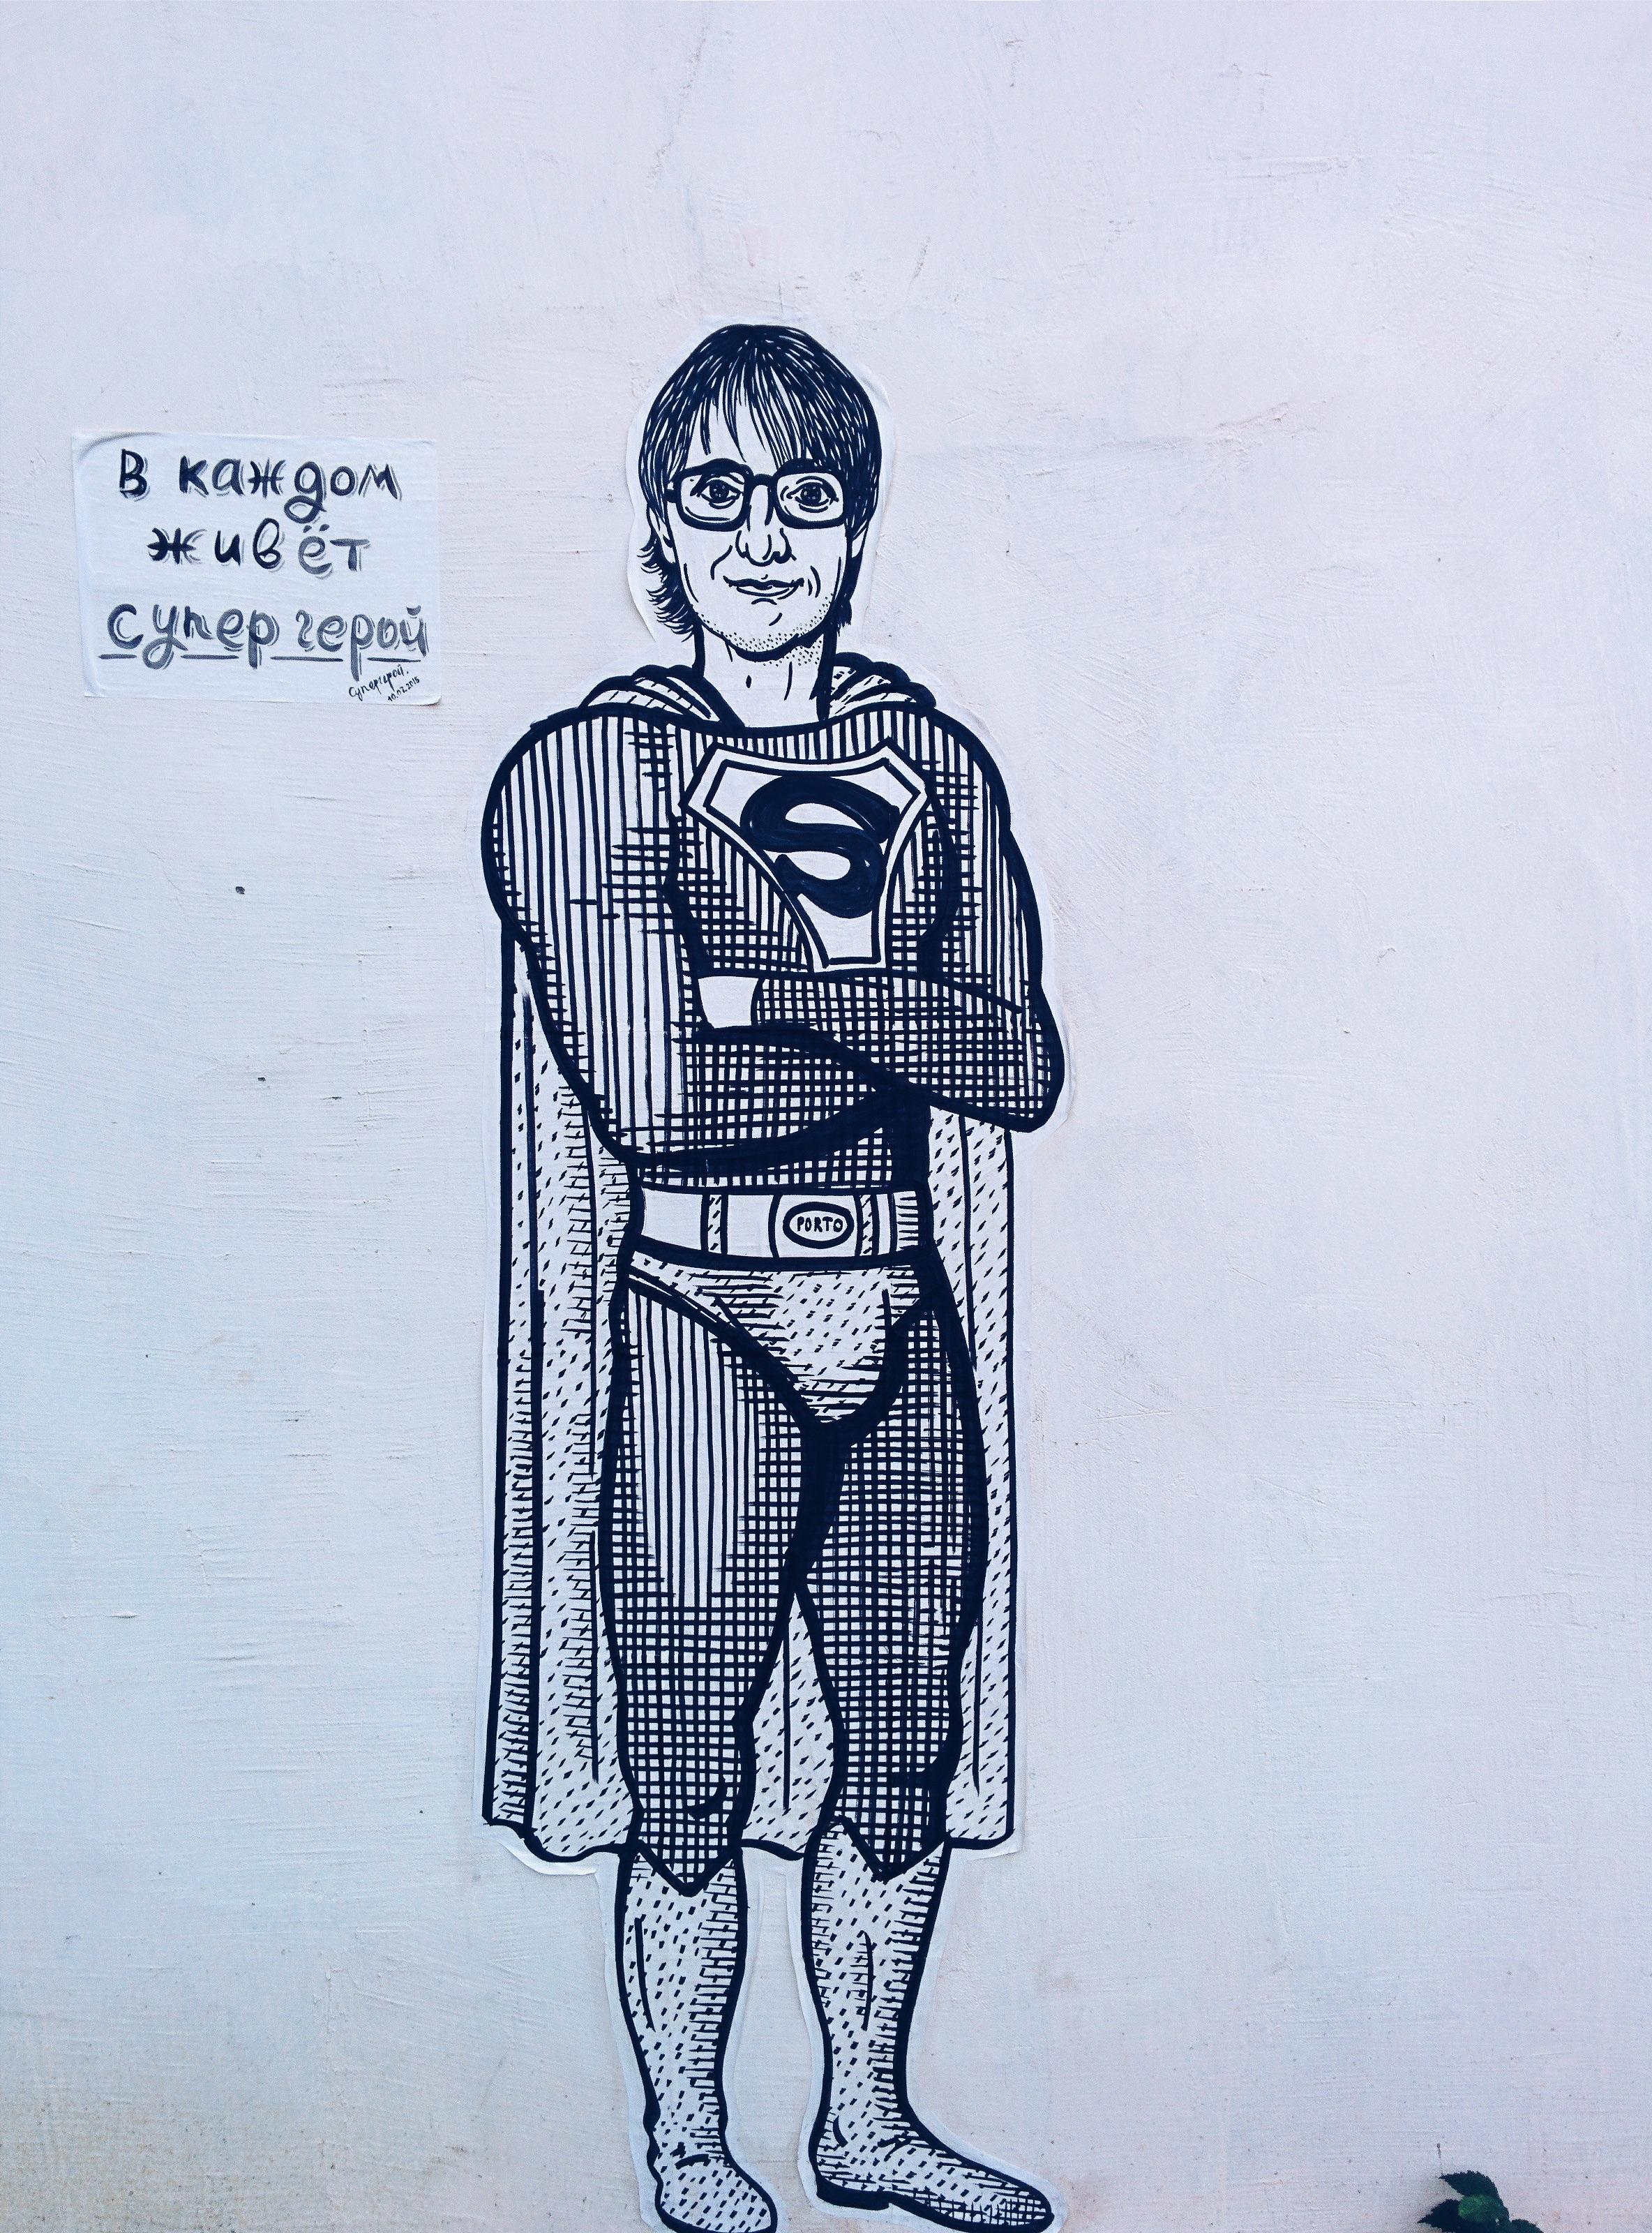 Gambar Pakaian Seni Sketsa Ilustrasi Gambar Kartun 2368x3200